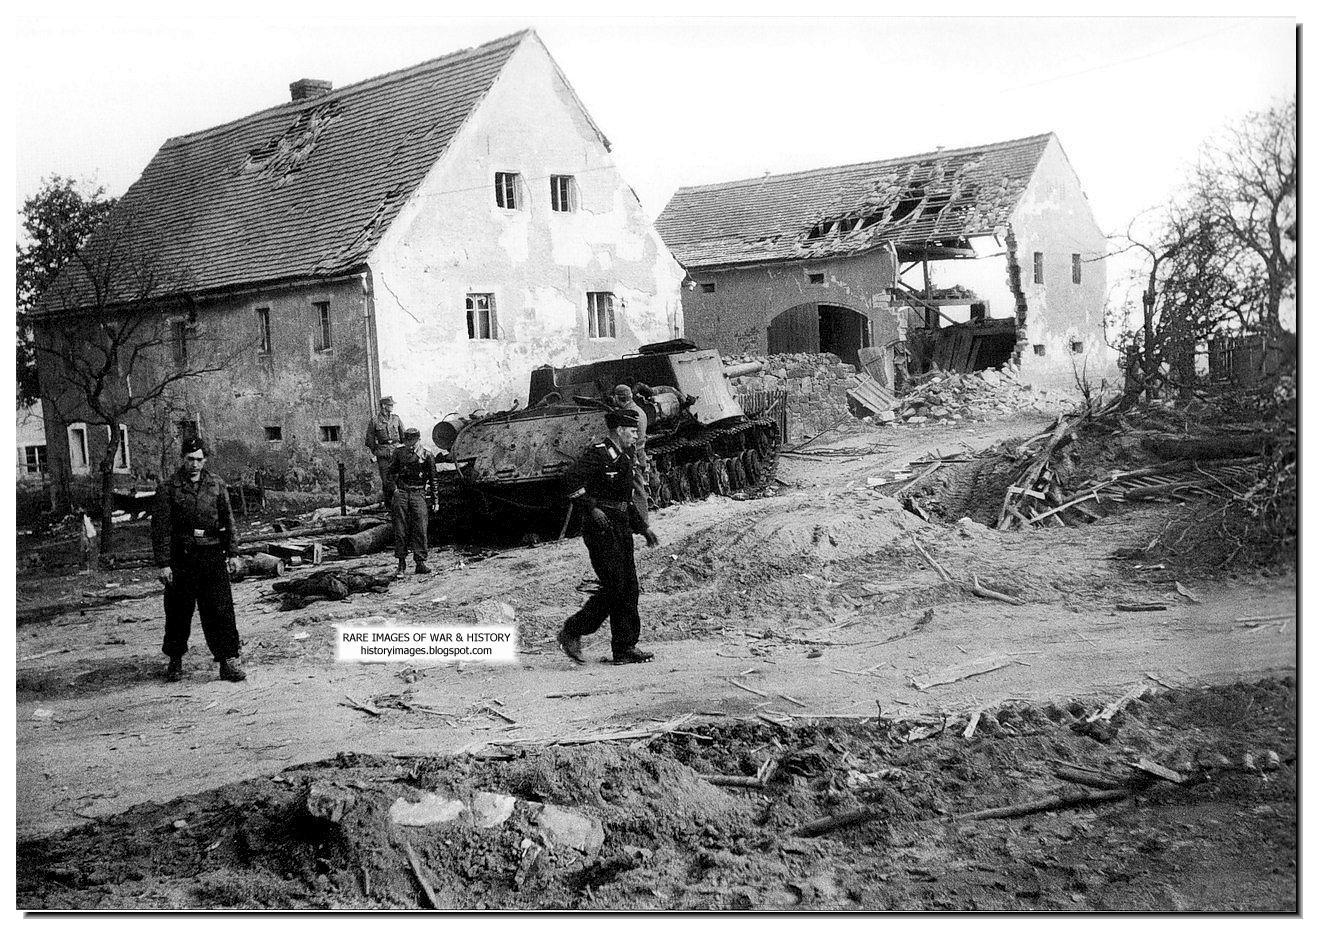 Battle Bautzen 1945 Battle-of-bautzen-april-25-26